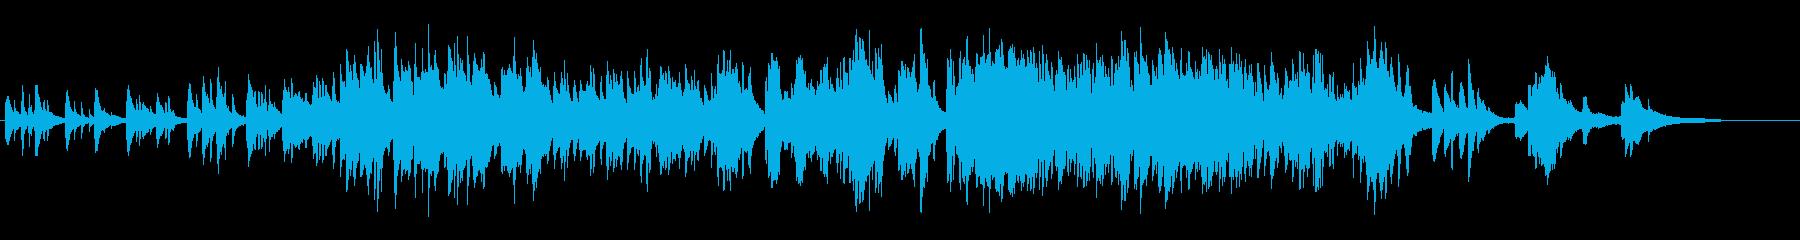 生ピアノで奏でる美しい日本の歌:七夕さまの再生済みの波形